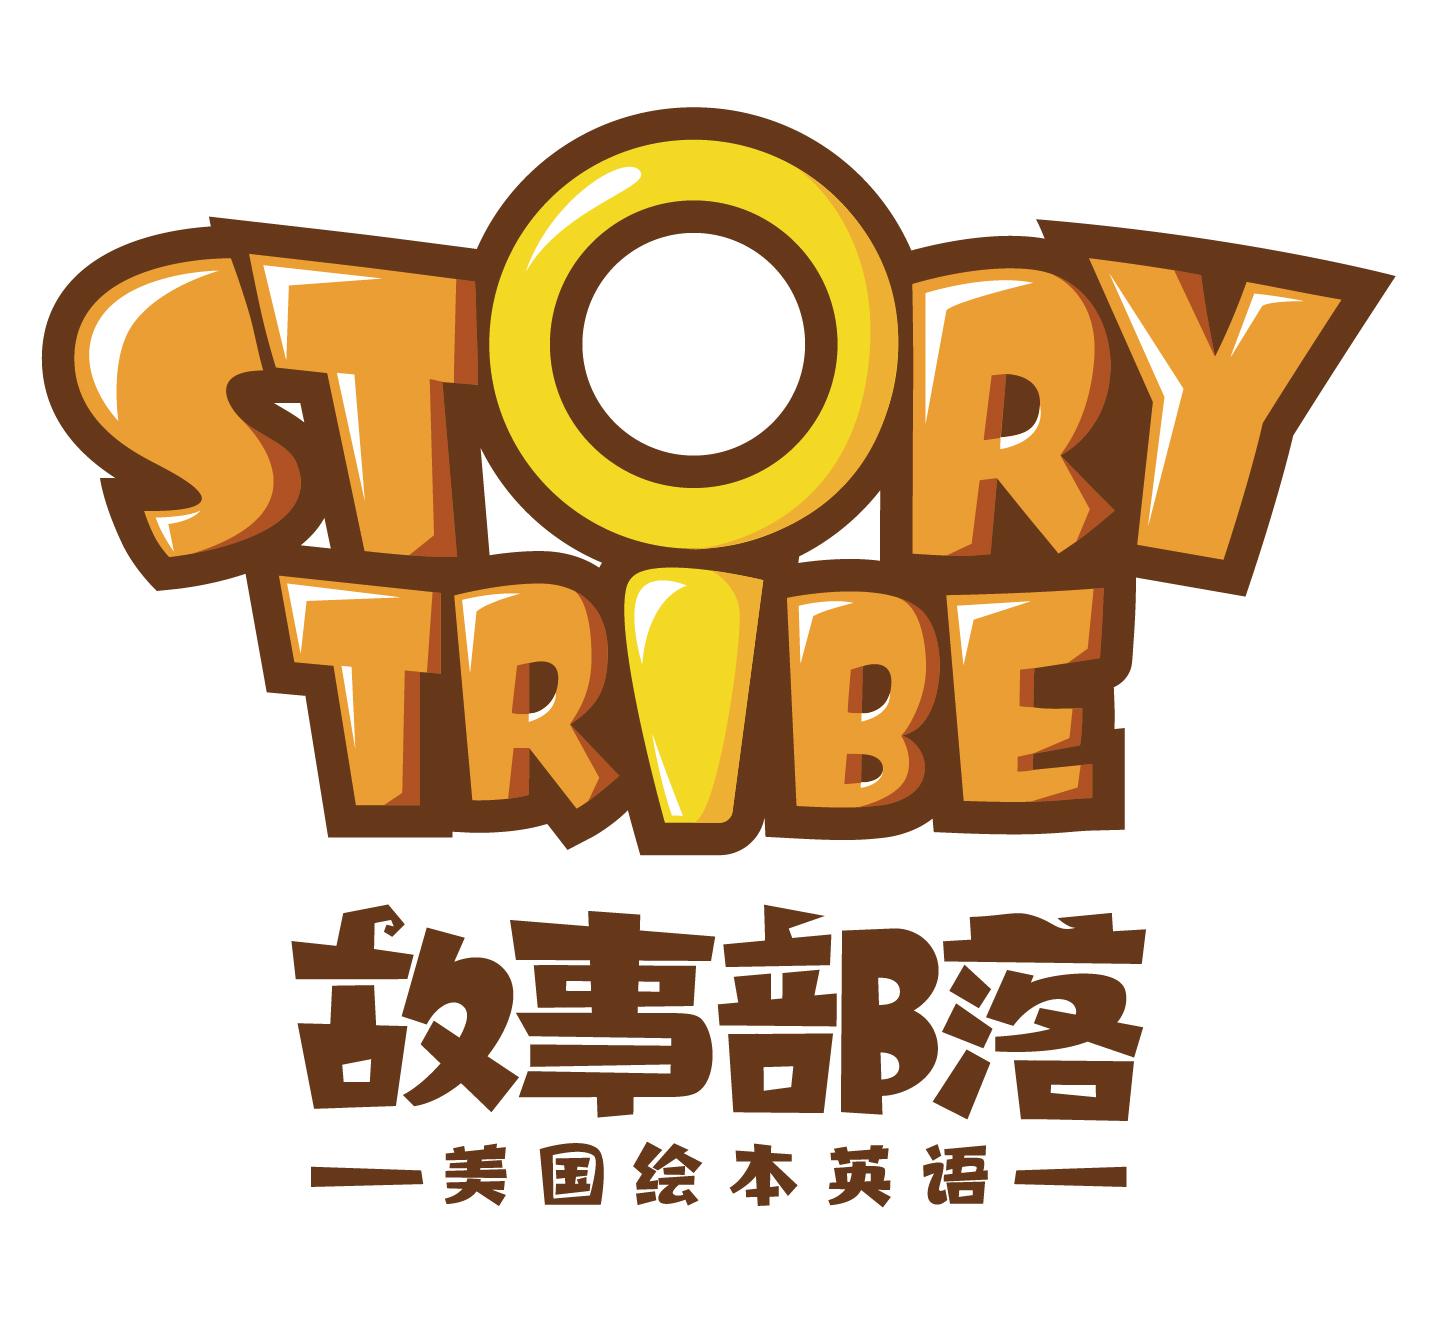 故事部落少儿英语绘本